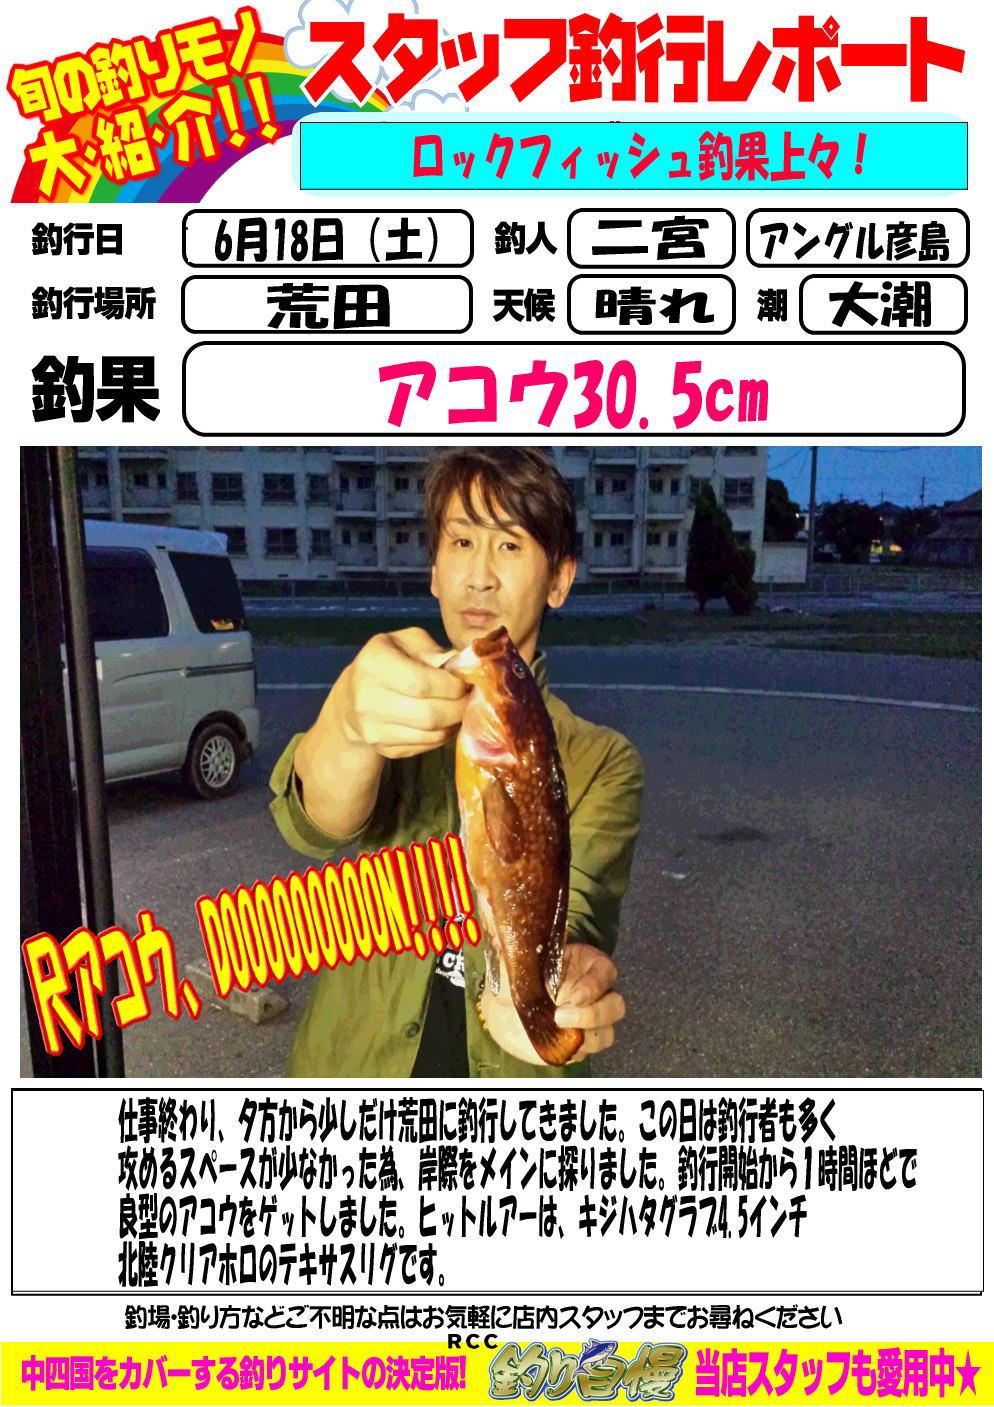 http://www.e-angle.co.jp/shop/blog/blog-20160618-hikoshima-akou.jpg